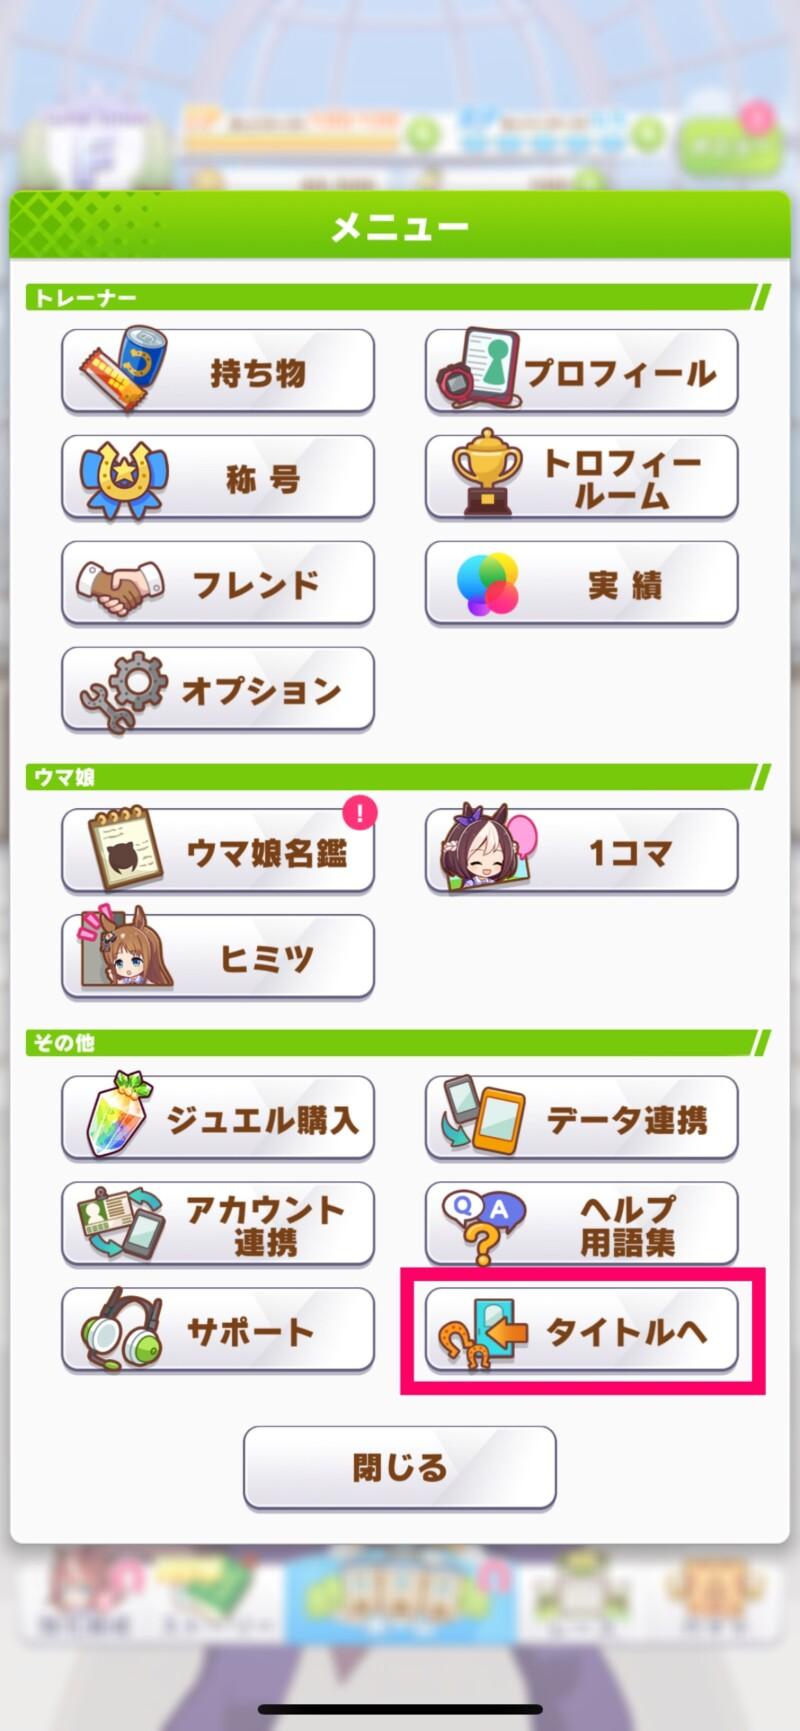 アプリゲームウマ娘リセマラ手順2